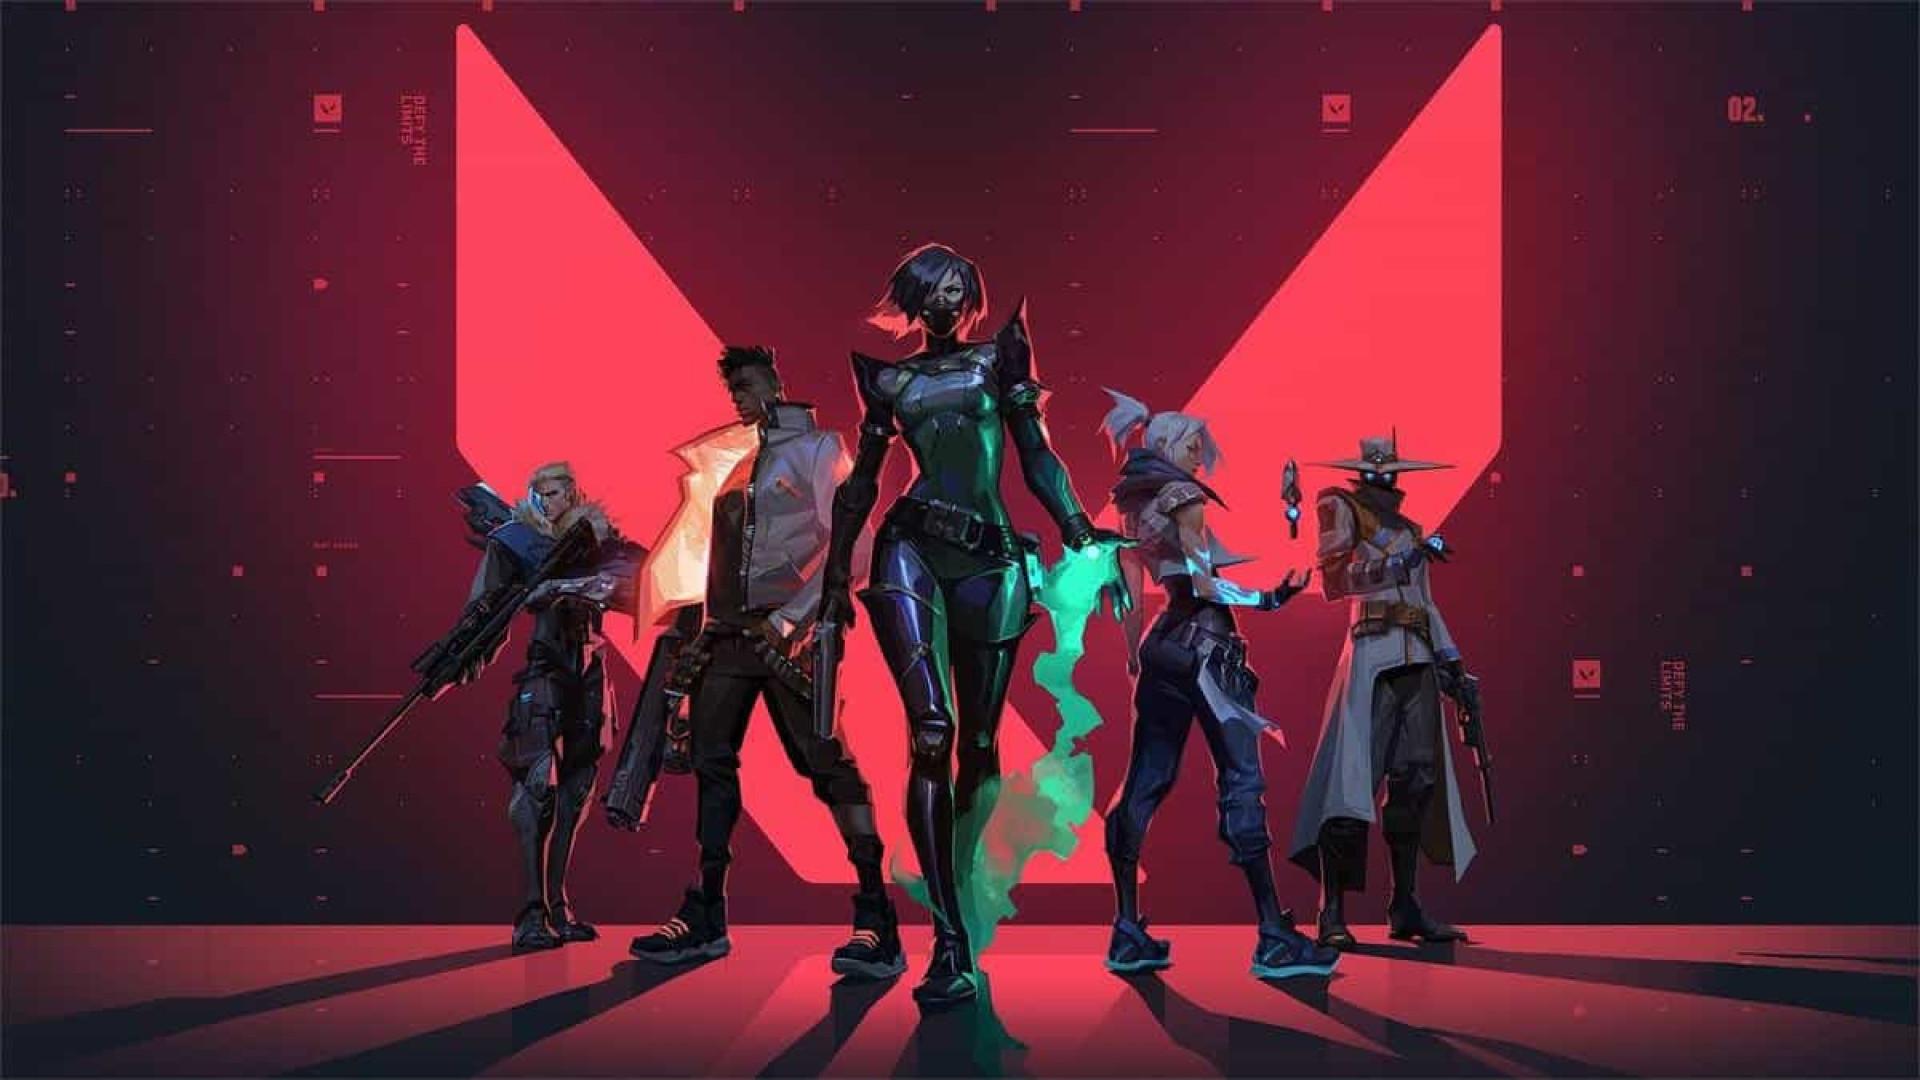 Produtora de League of Legends pode lançar novo jogo em consolas